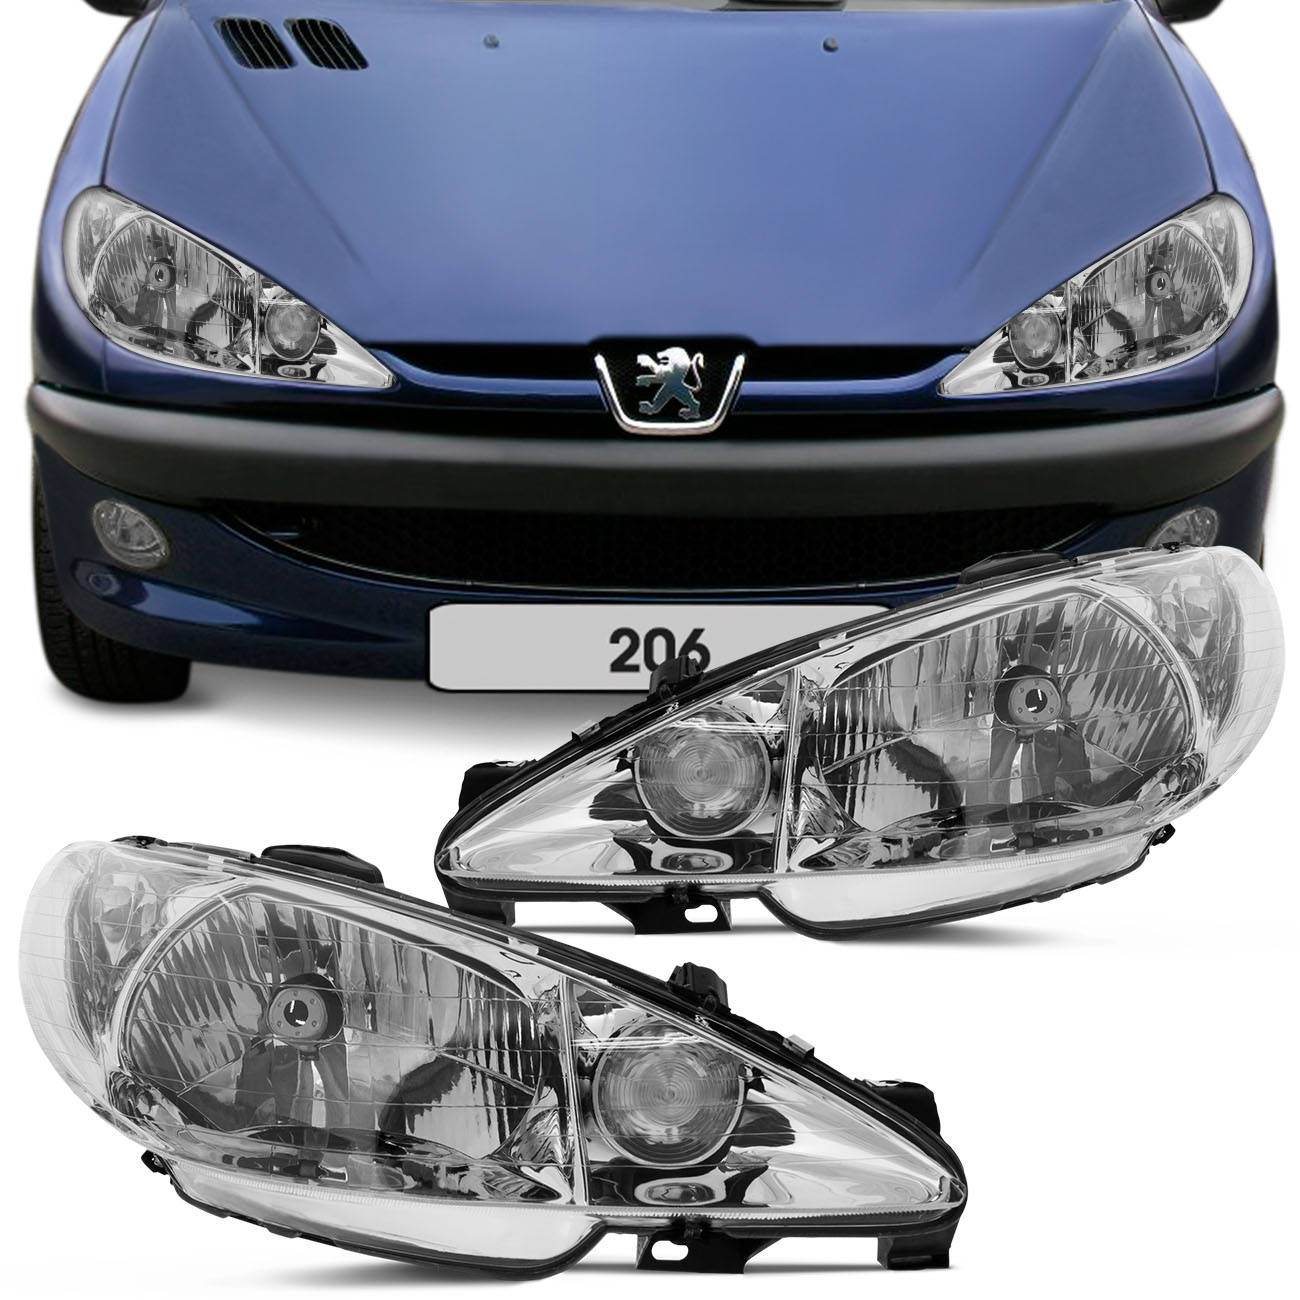 Farol Peugeot 206 e 206 SW 99 a 09 Foco Simples Lado Direito Passageiro